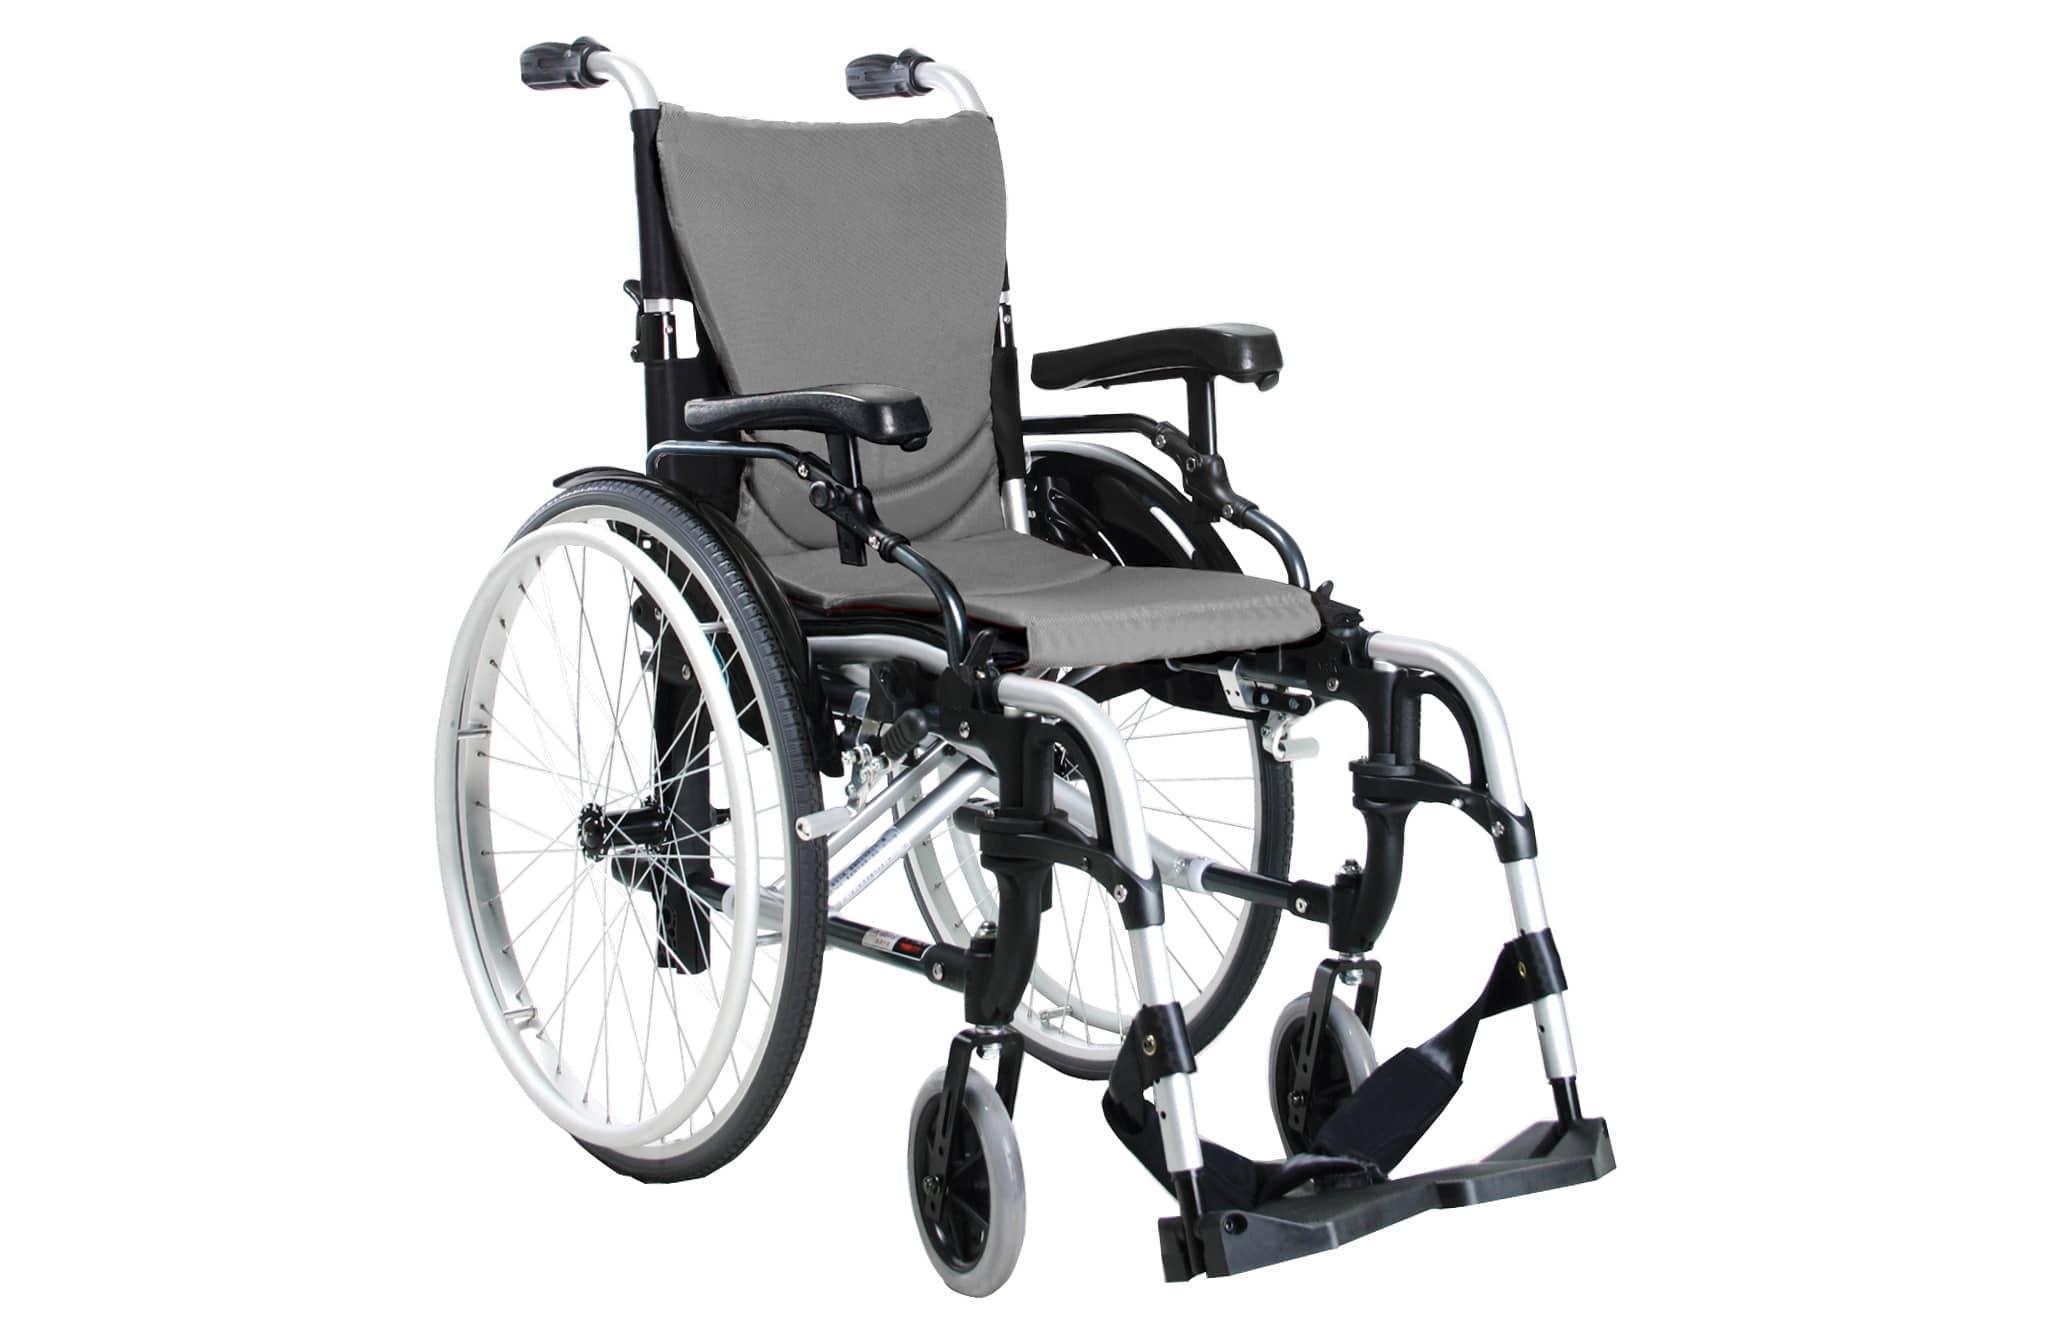 Cadeira de rodas manual, cinzenta e preta, vista de perfil